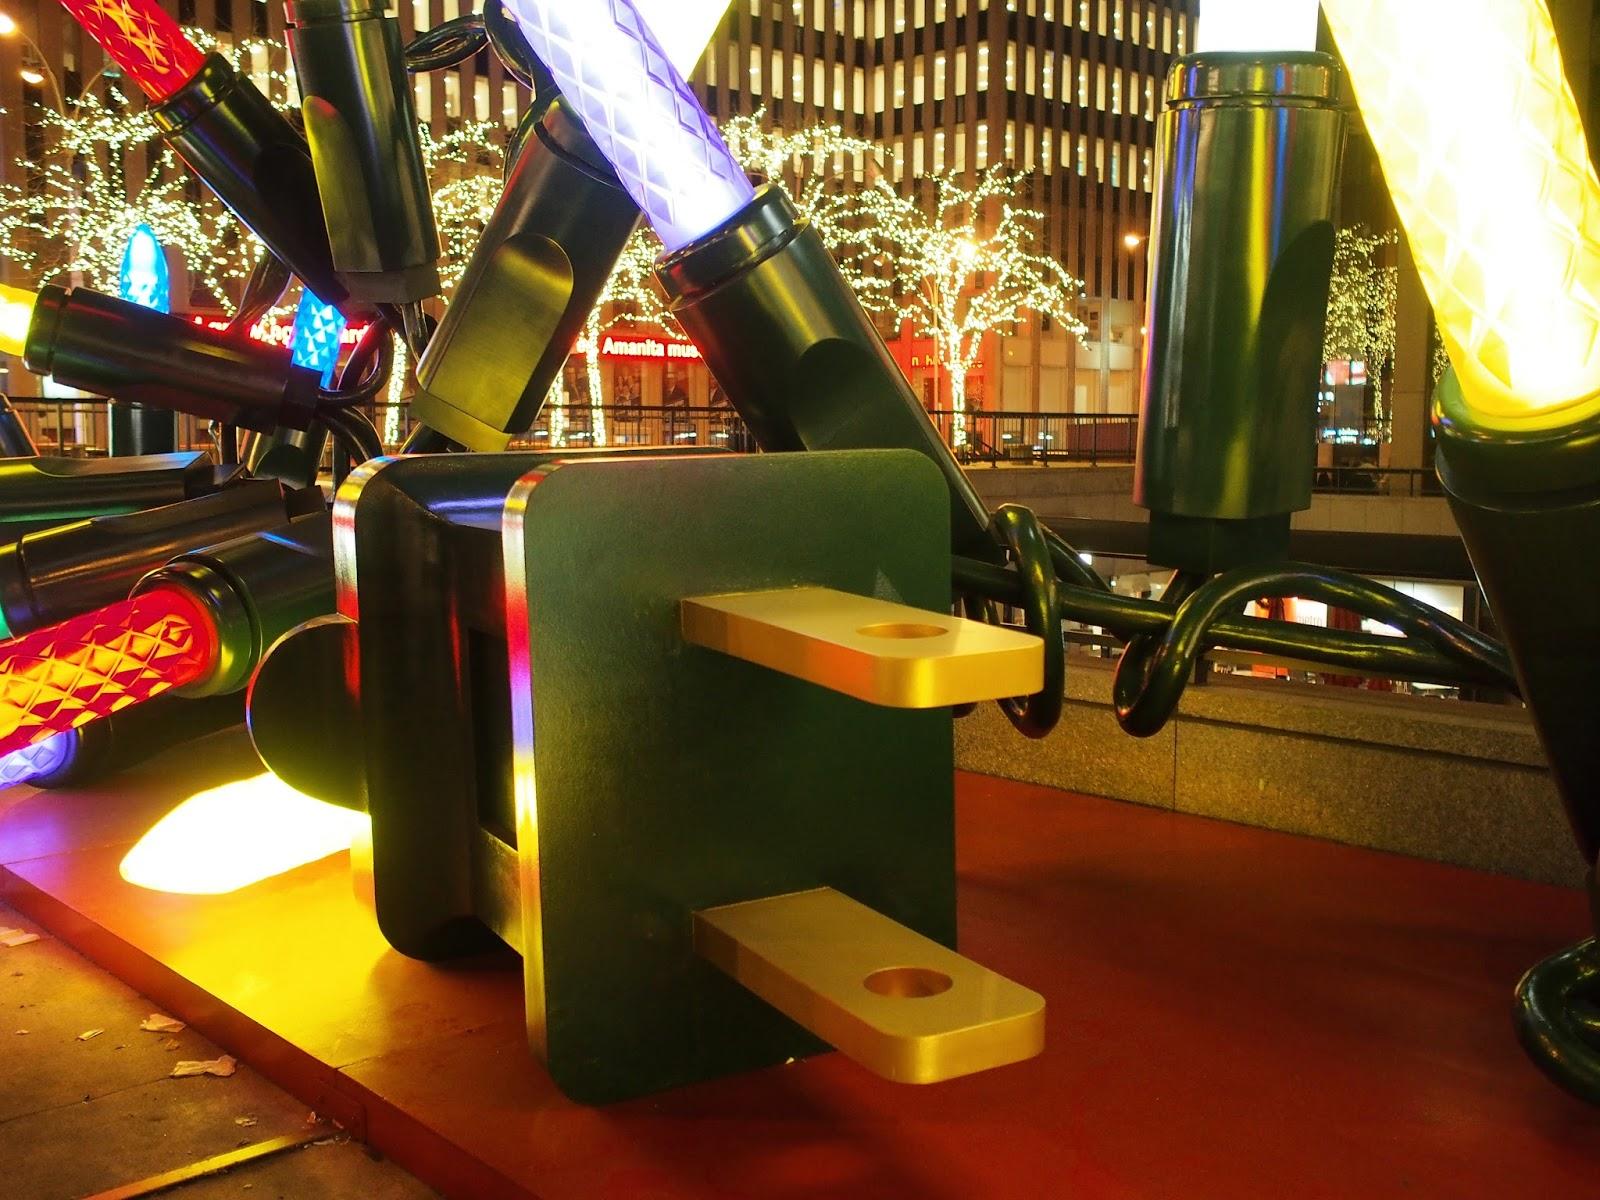 One Giant Plug #onegiantplug  #holidays #besttimeoftheyear #nyc ©2014 Nancy Lundebjerg